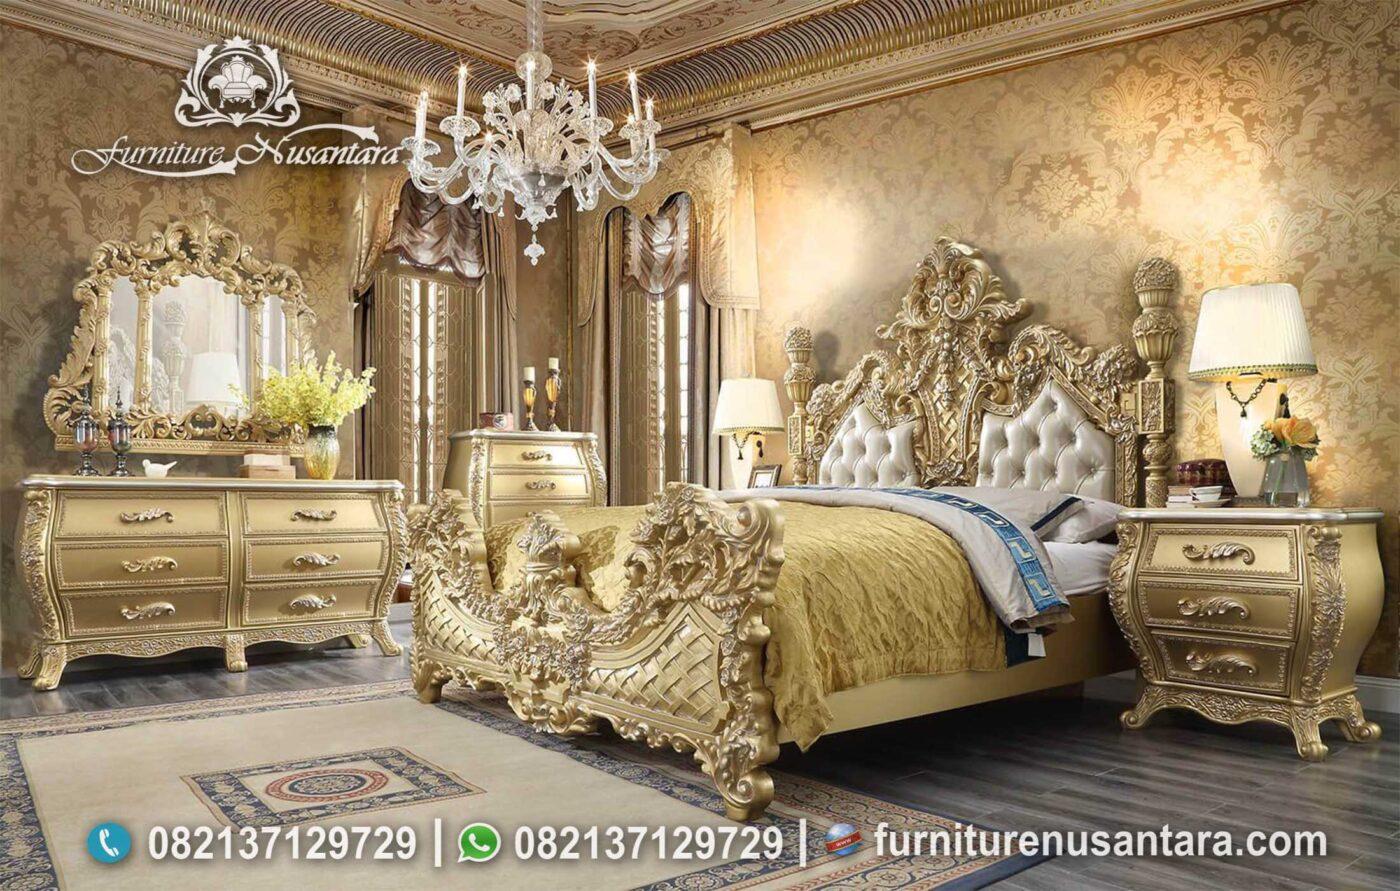 Tempat Tidur Klasik Ukir Terbaik Gold Leaf KS-185, Furniture Nusantara